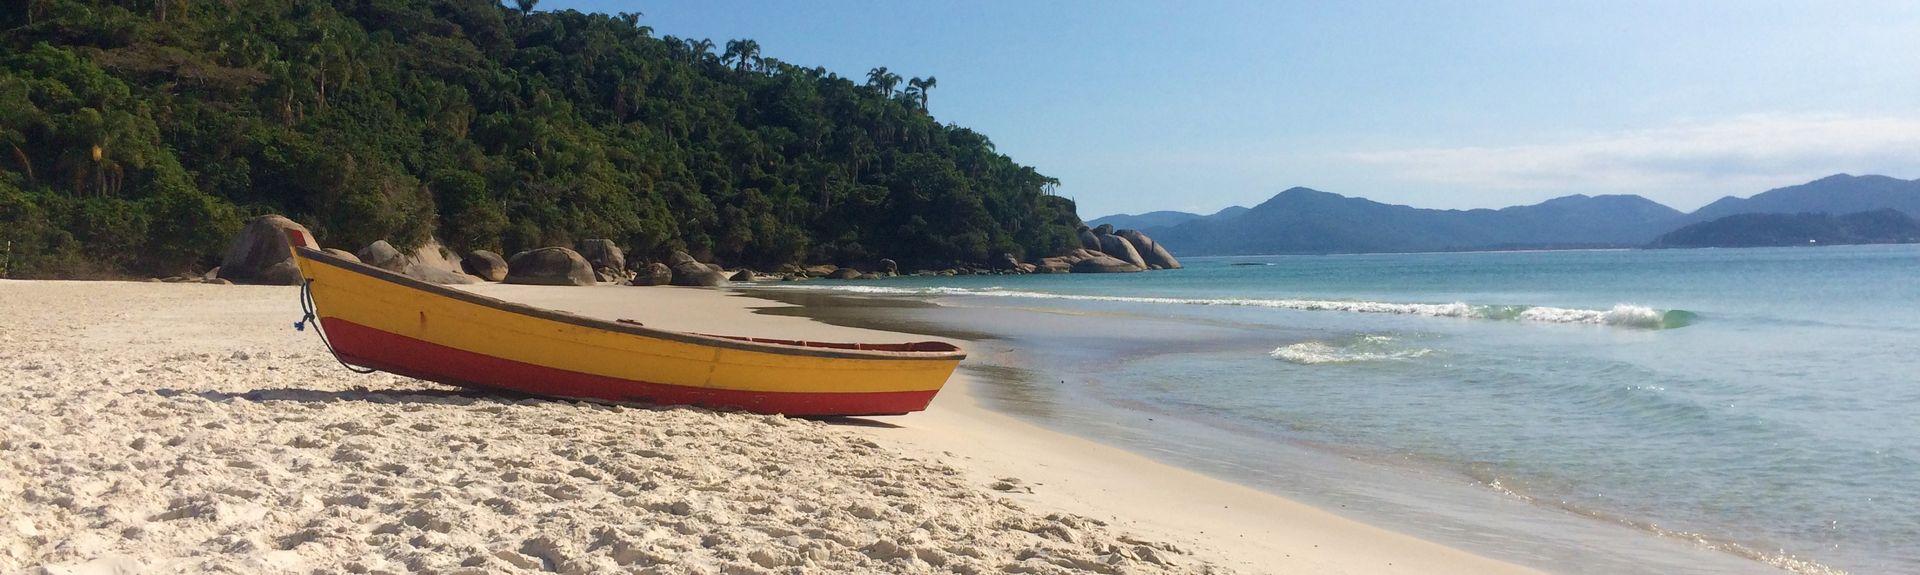 Campeche Norte, Florianópolis, Região Sul, Brasil